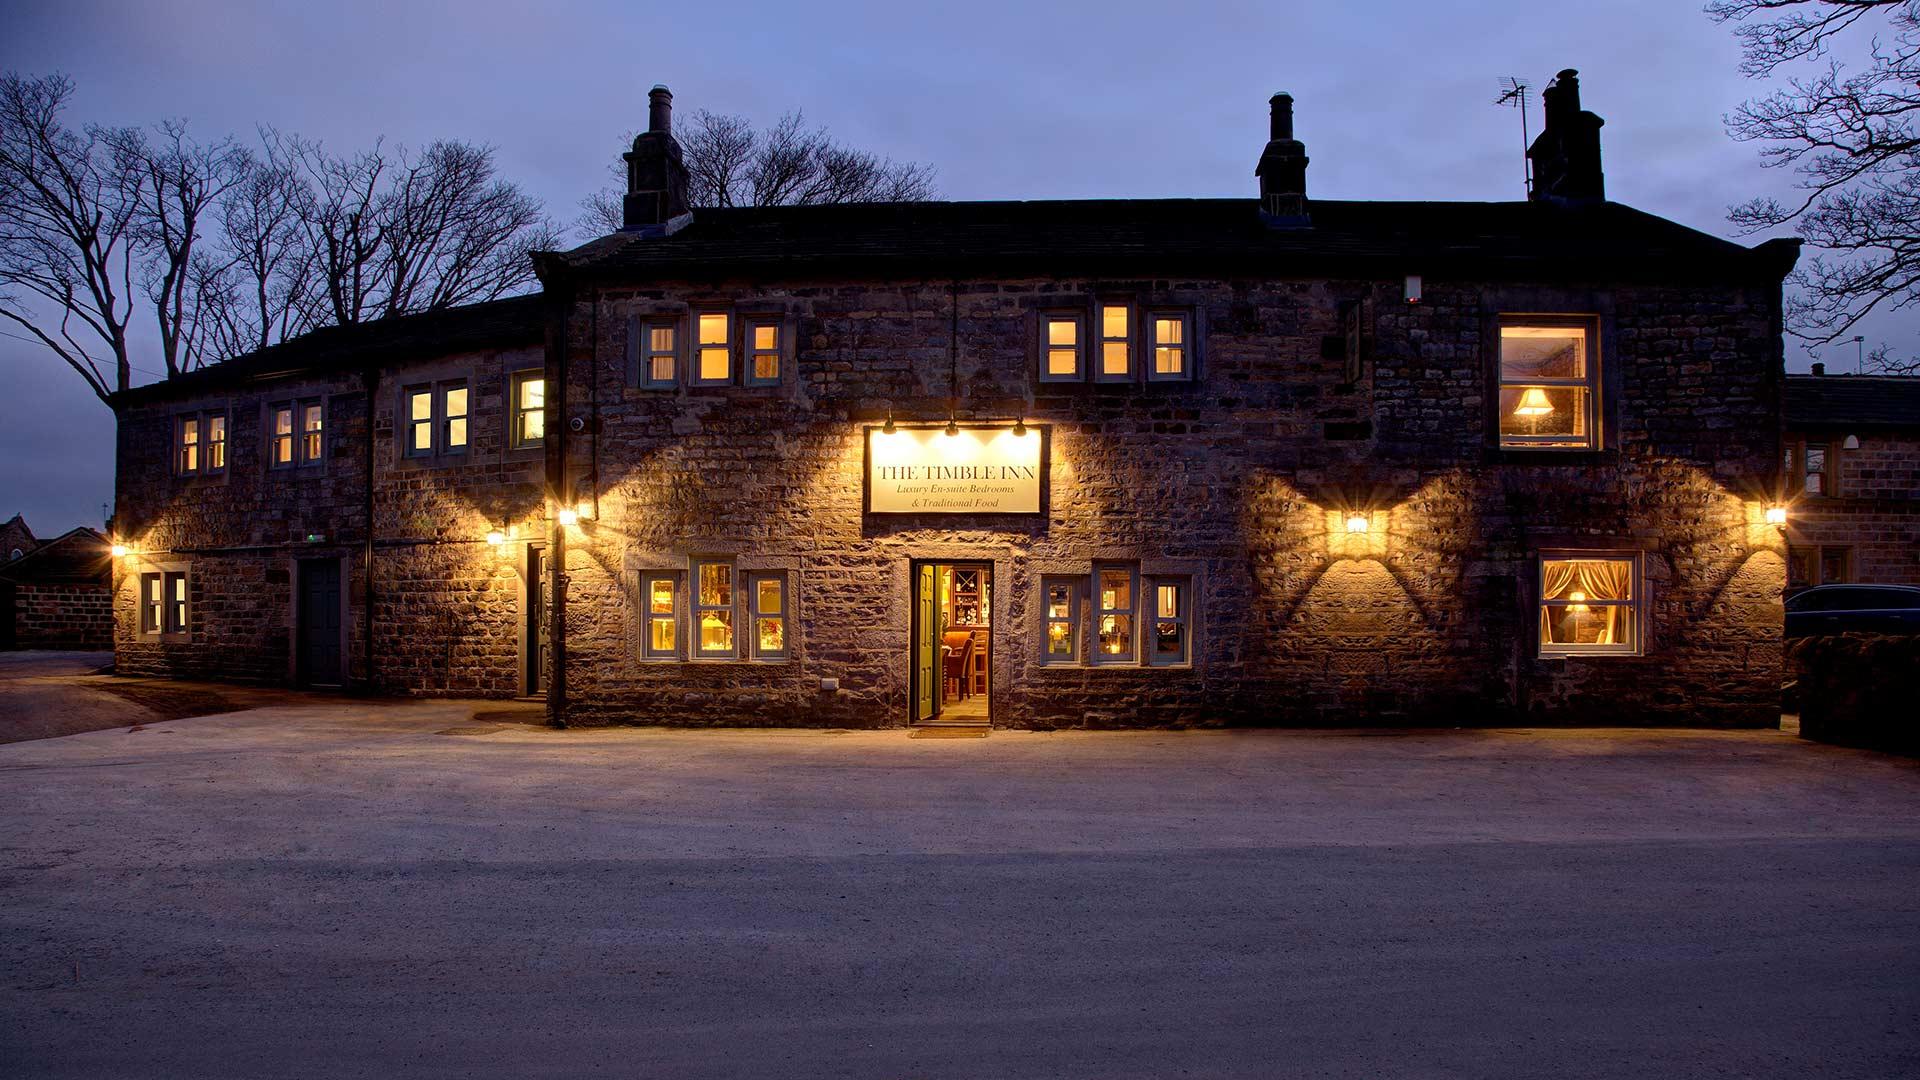 The Timble Inn